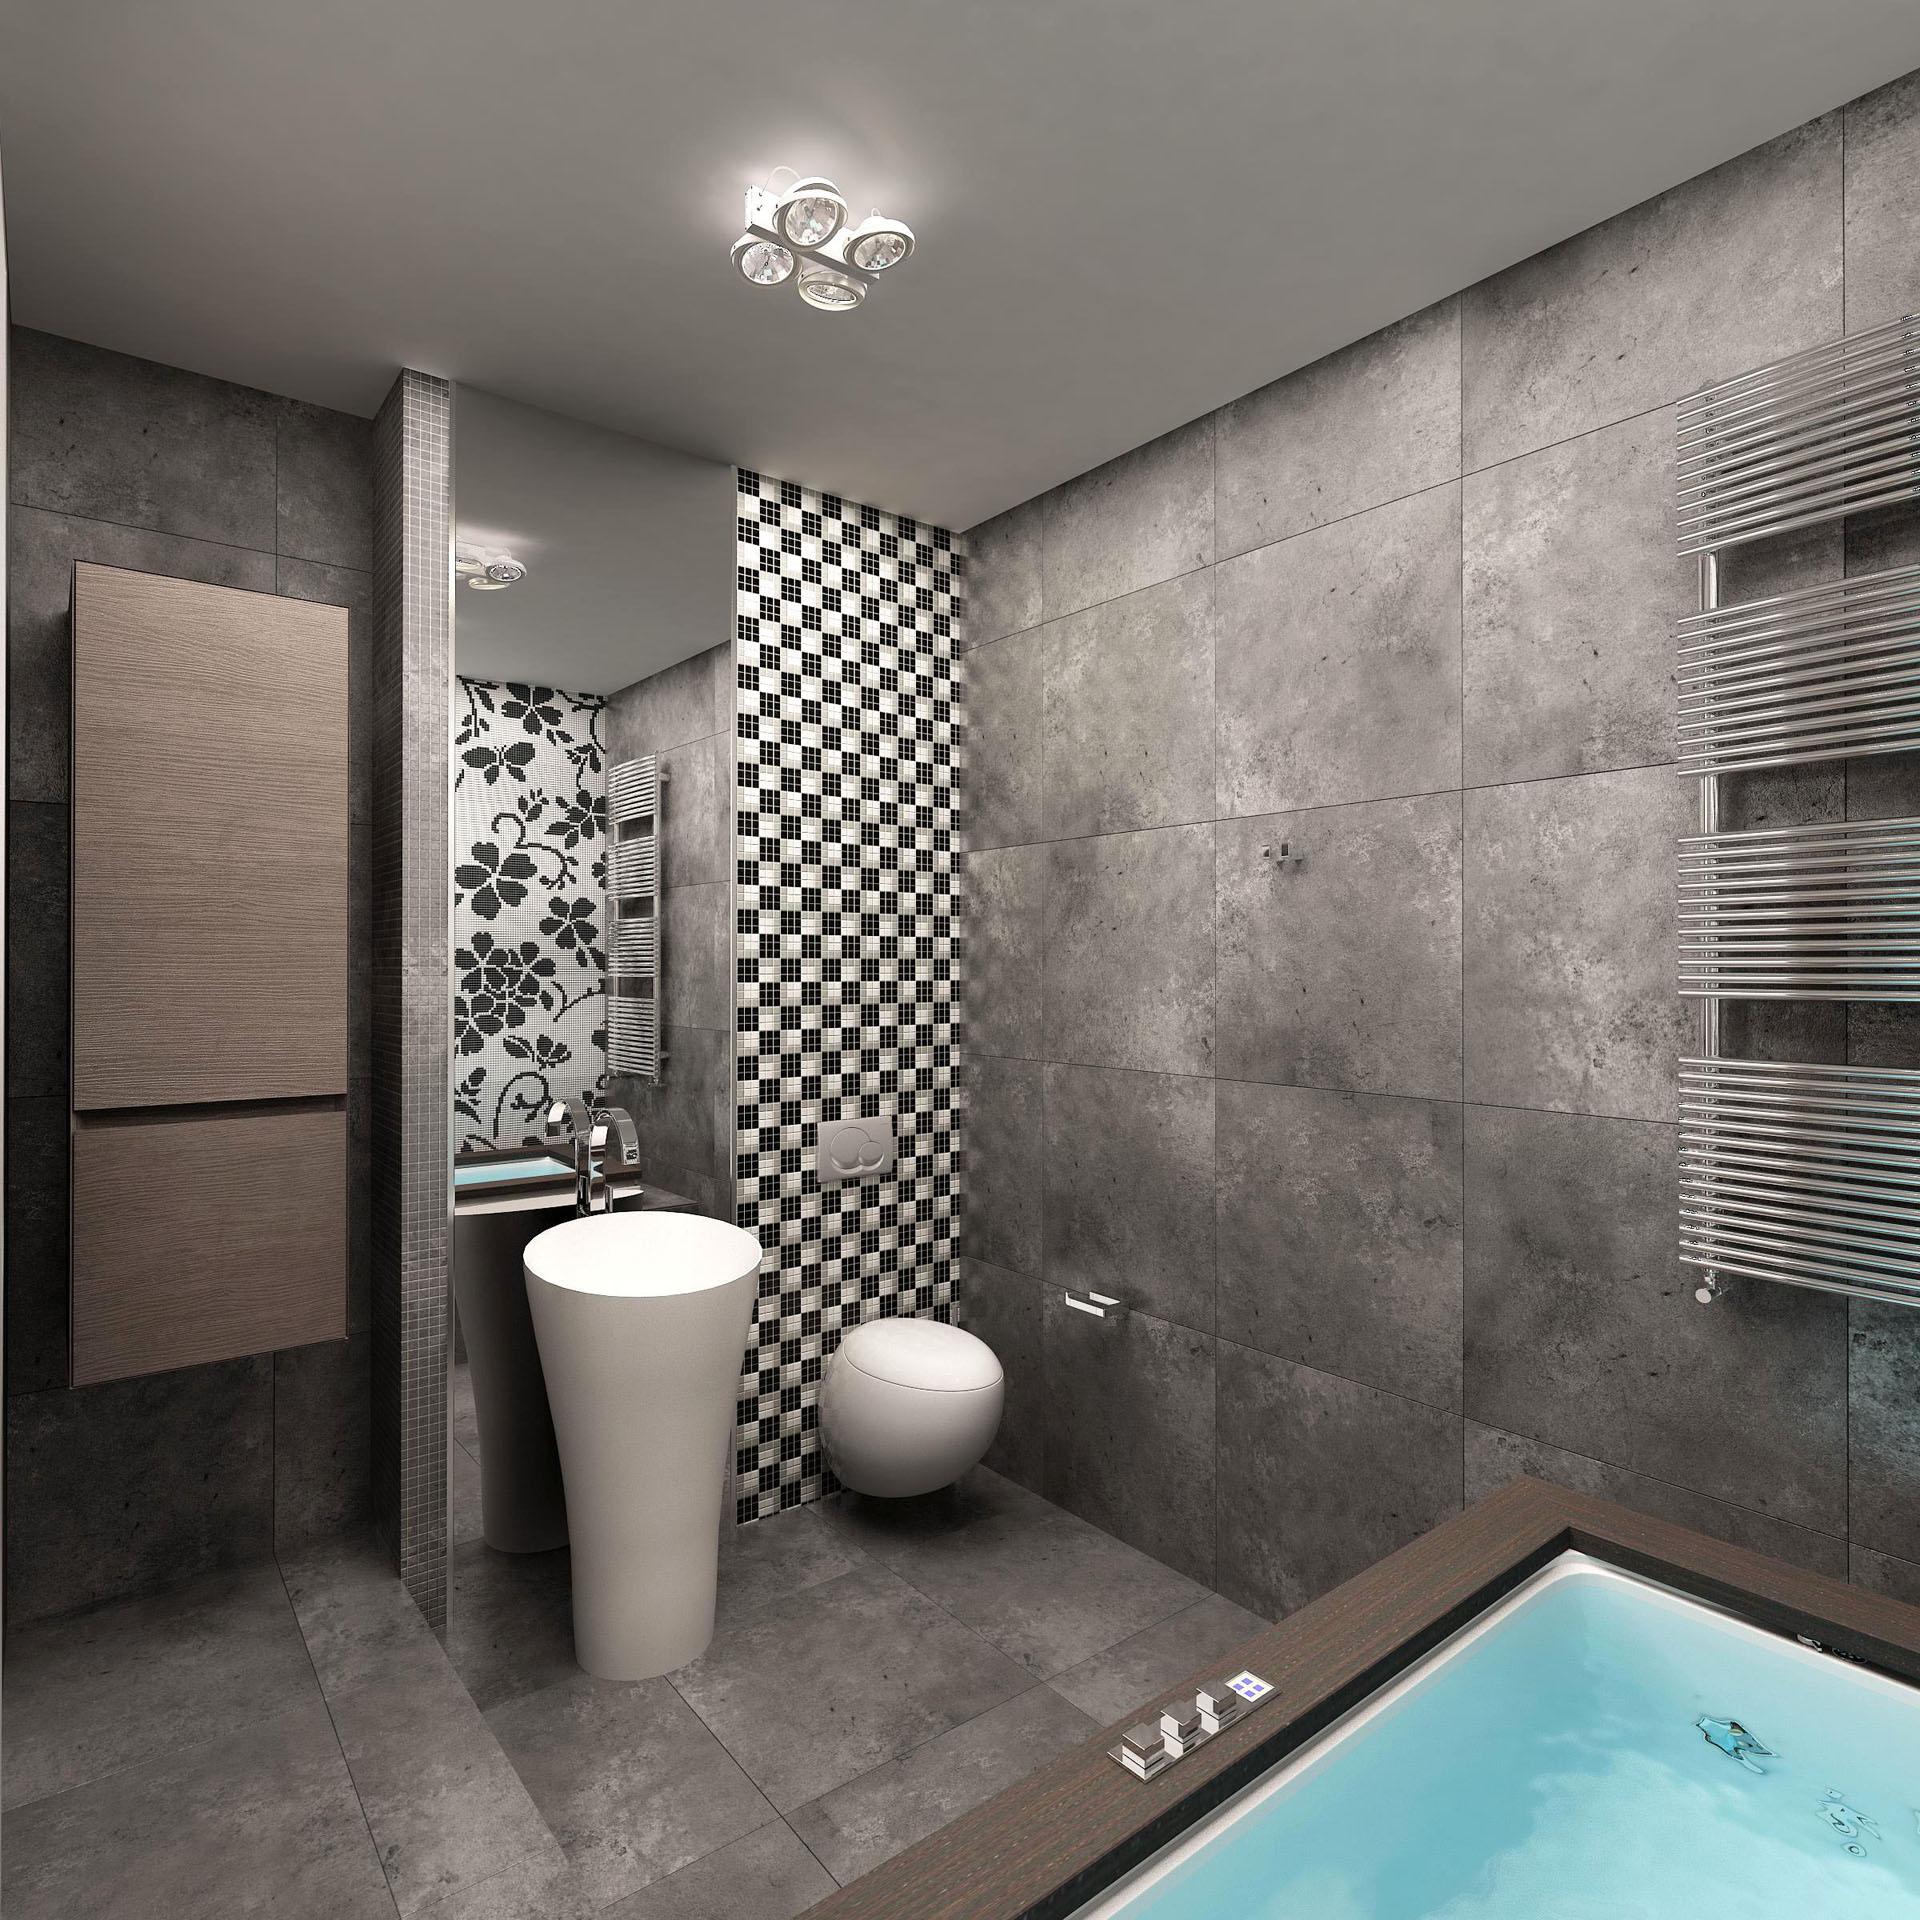 Черно-белая мозаика в ванной комнате